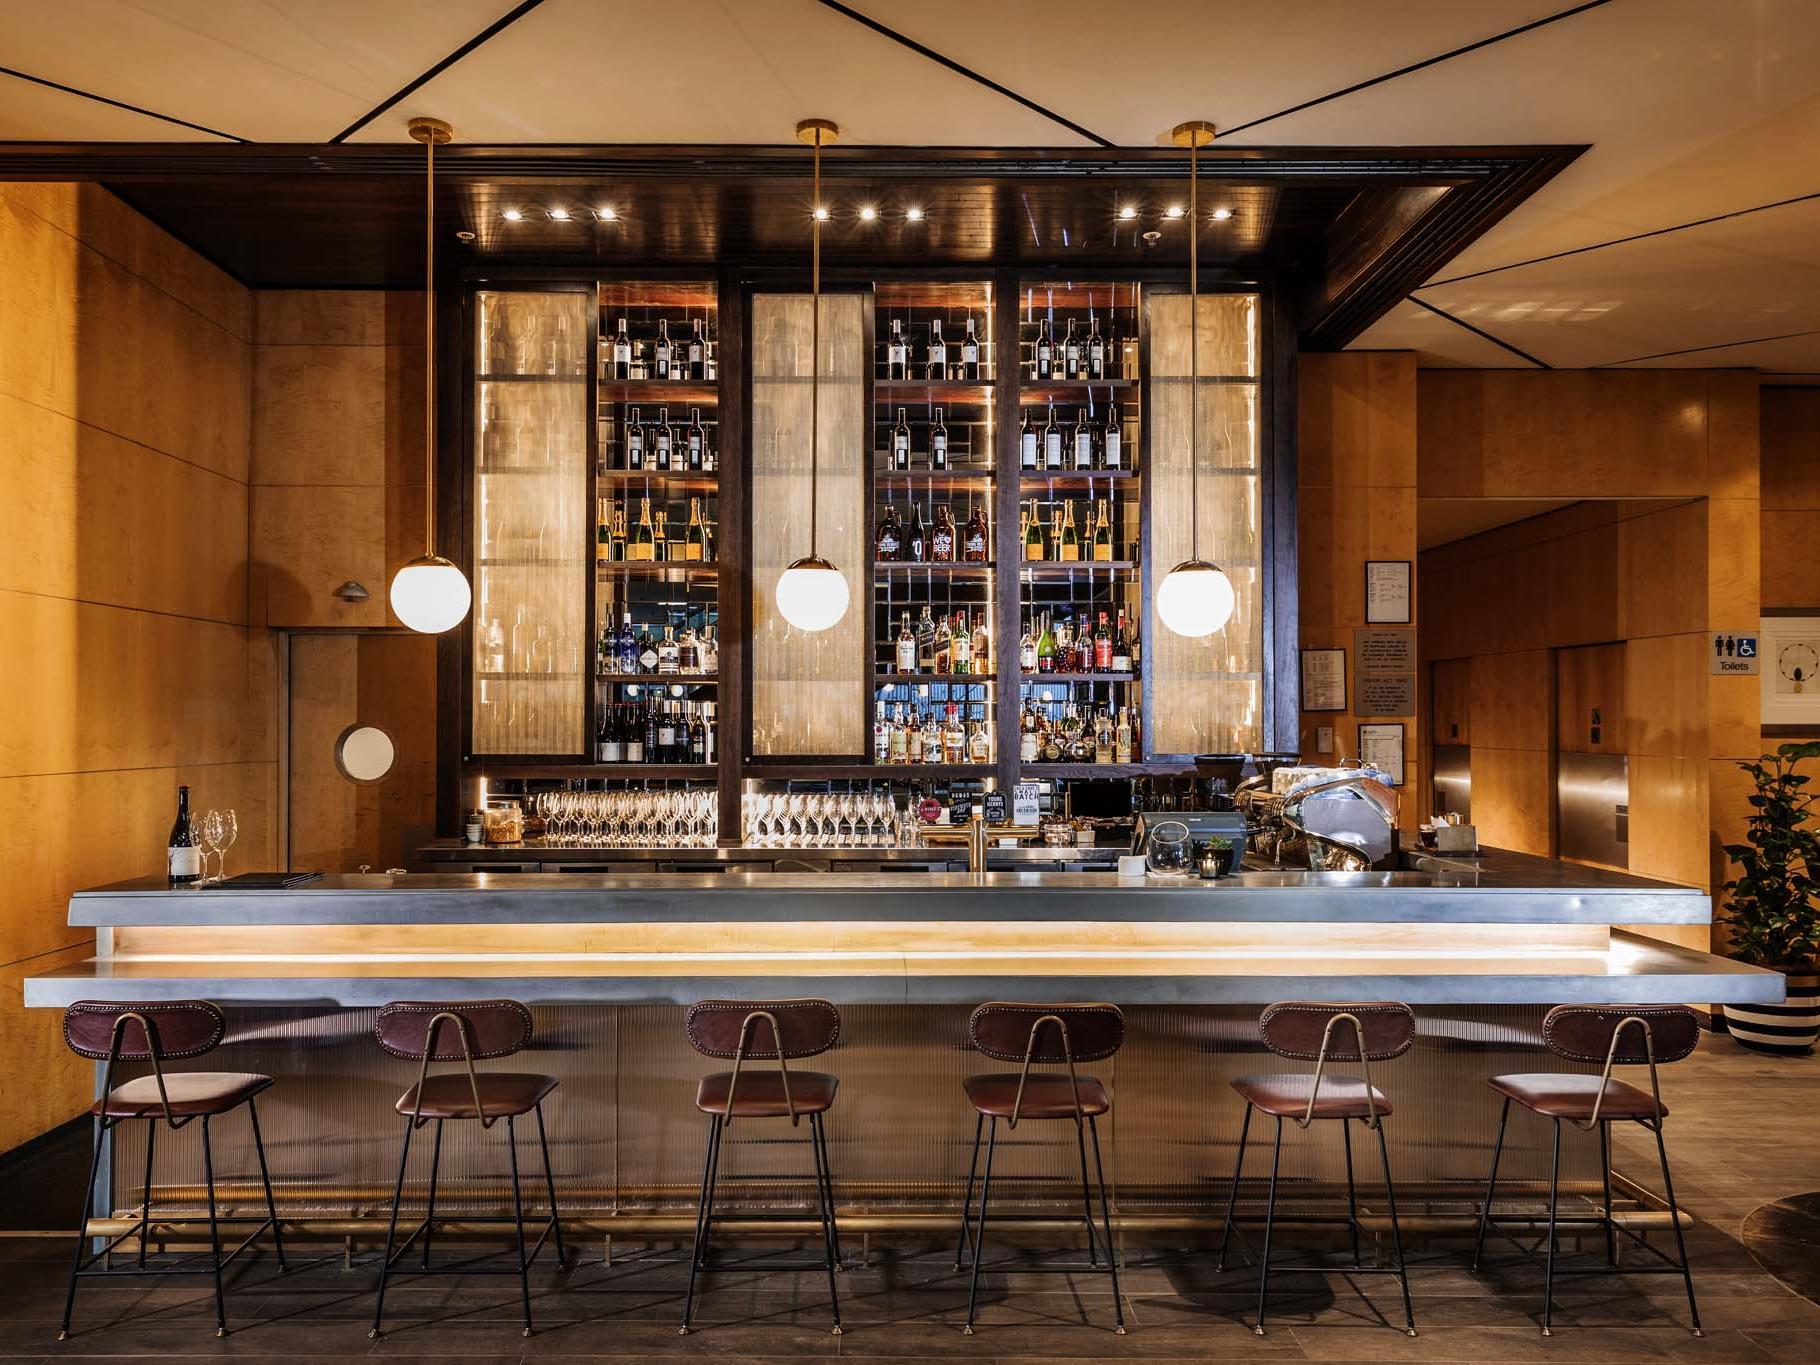 Silo Bar - Amora Hotel